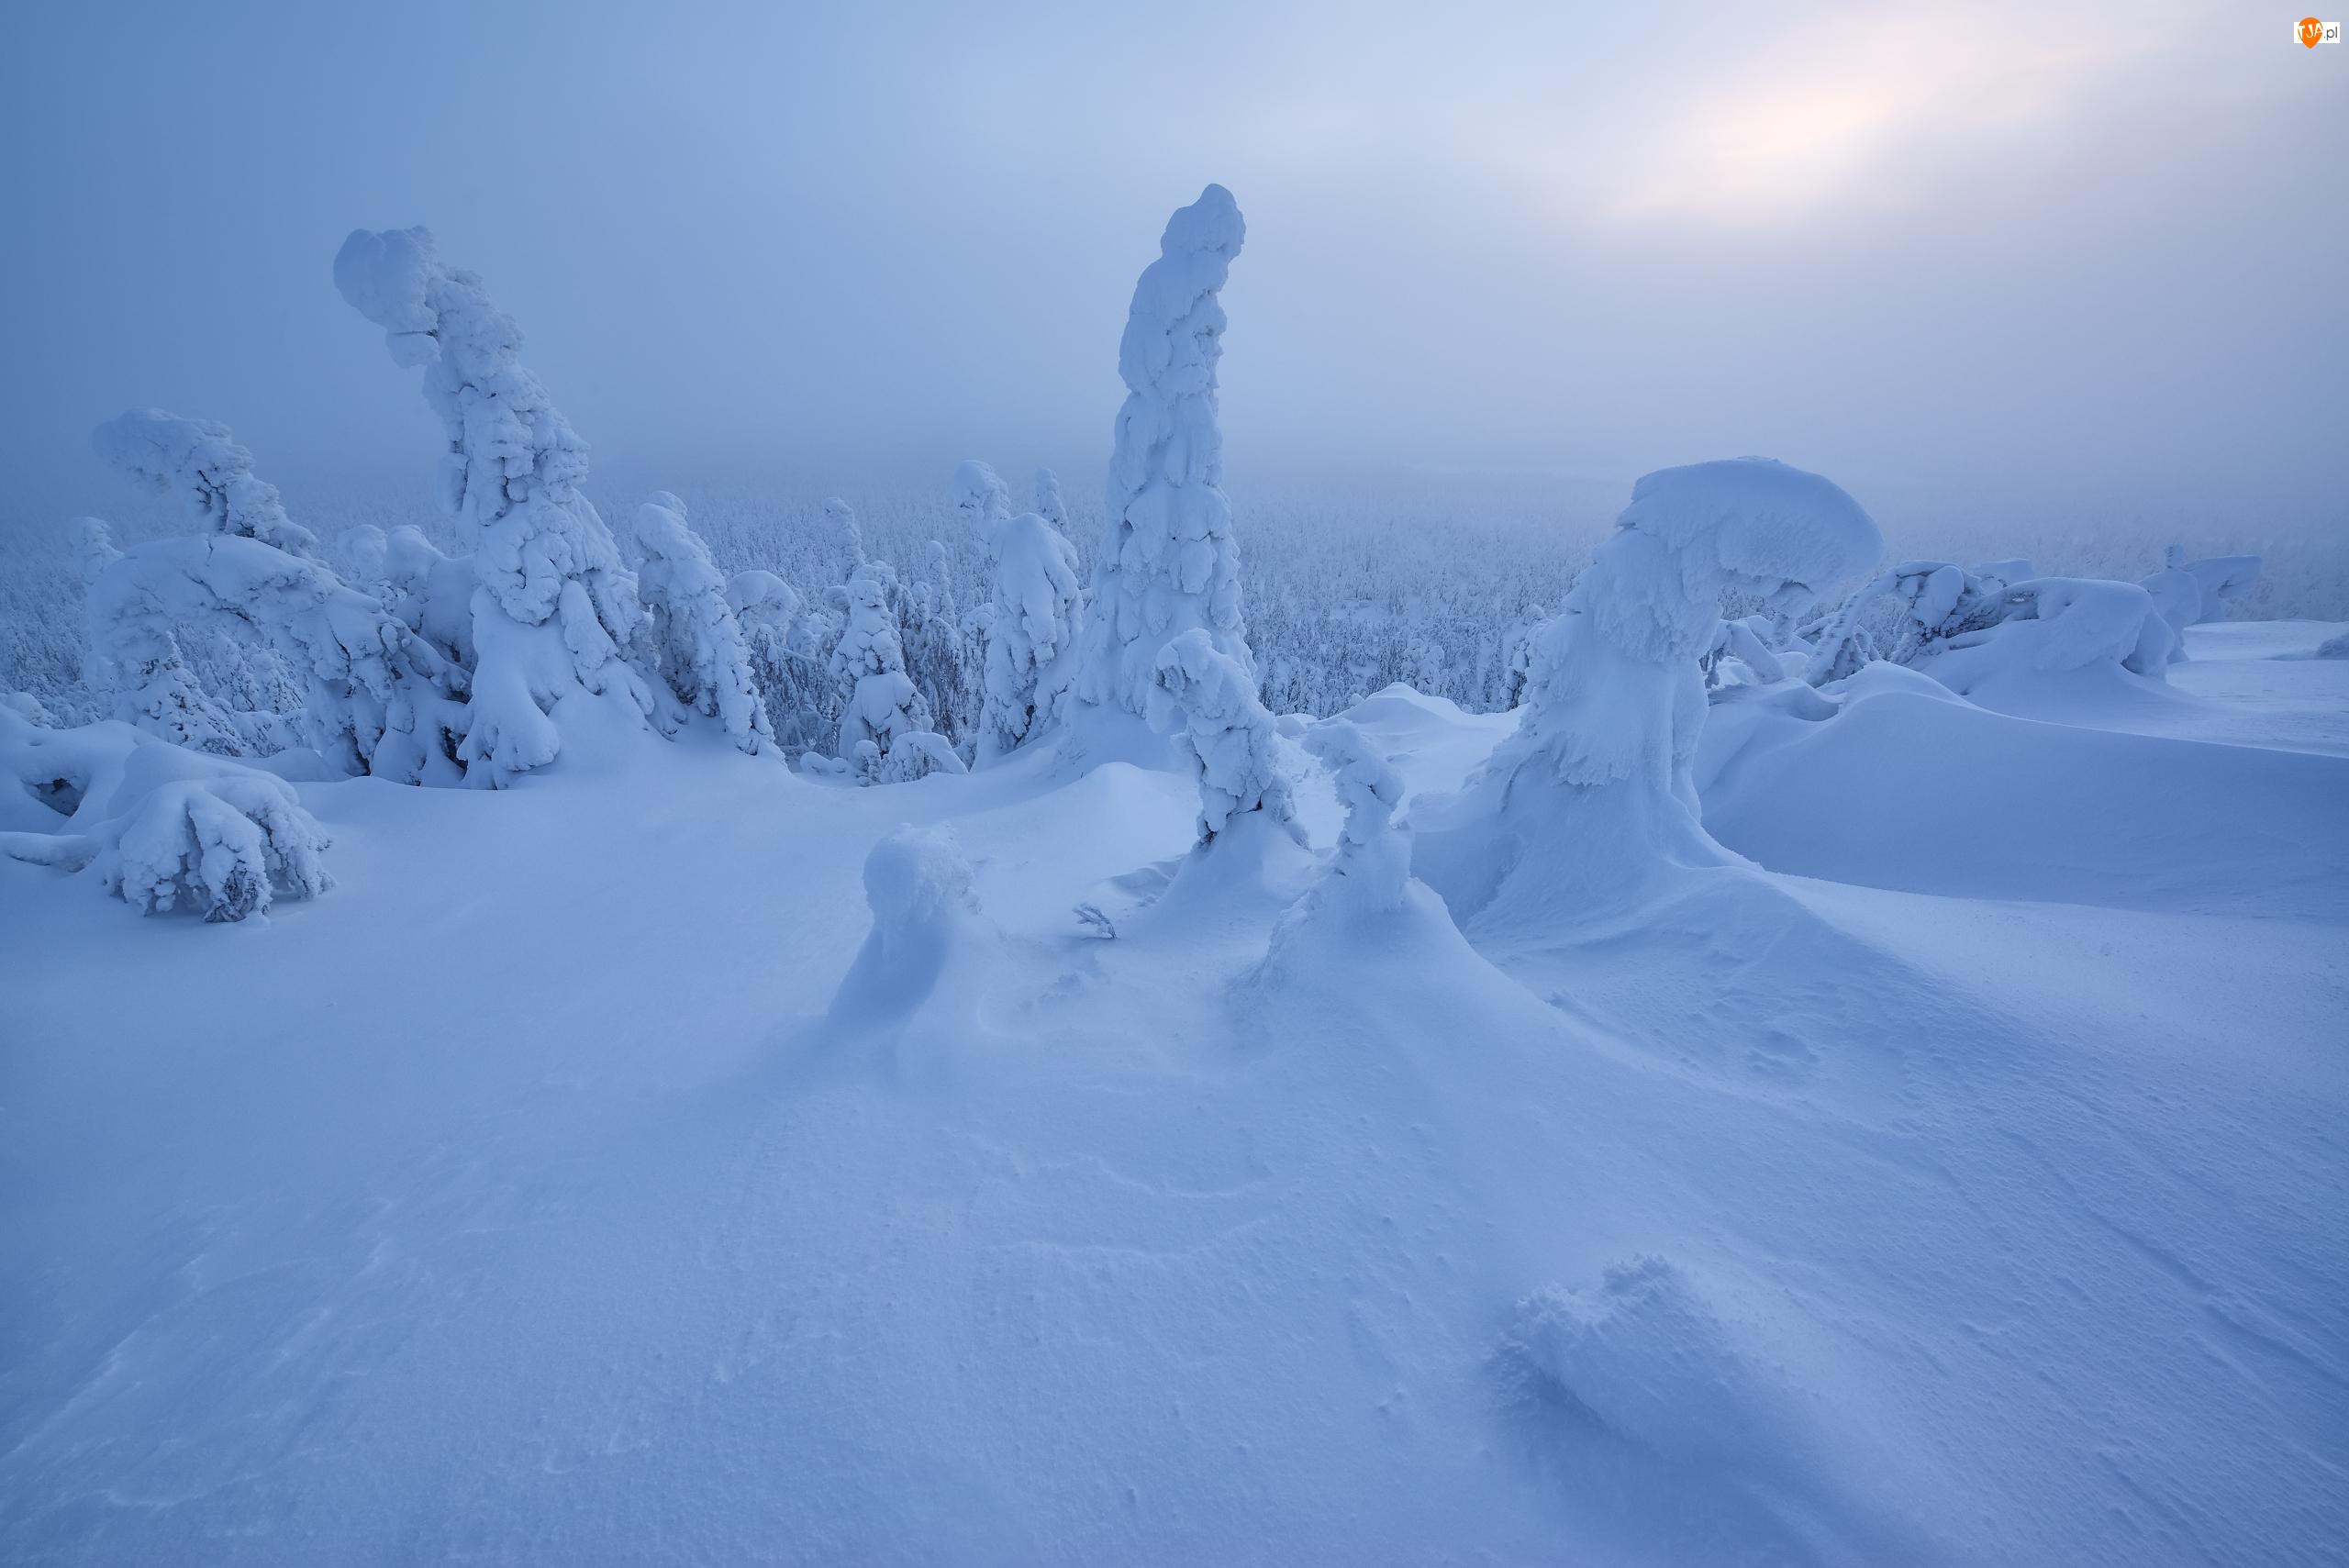 Finlandia, Zima, Ośnieżone, Słońce, Laponia, Drzewa